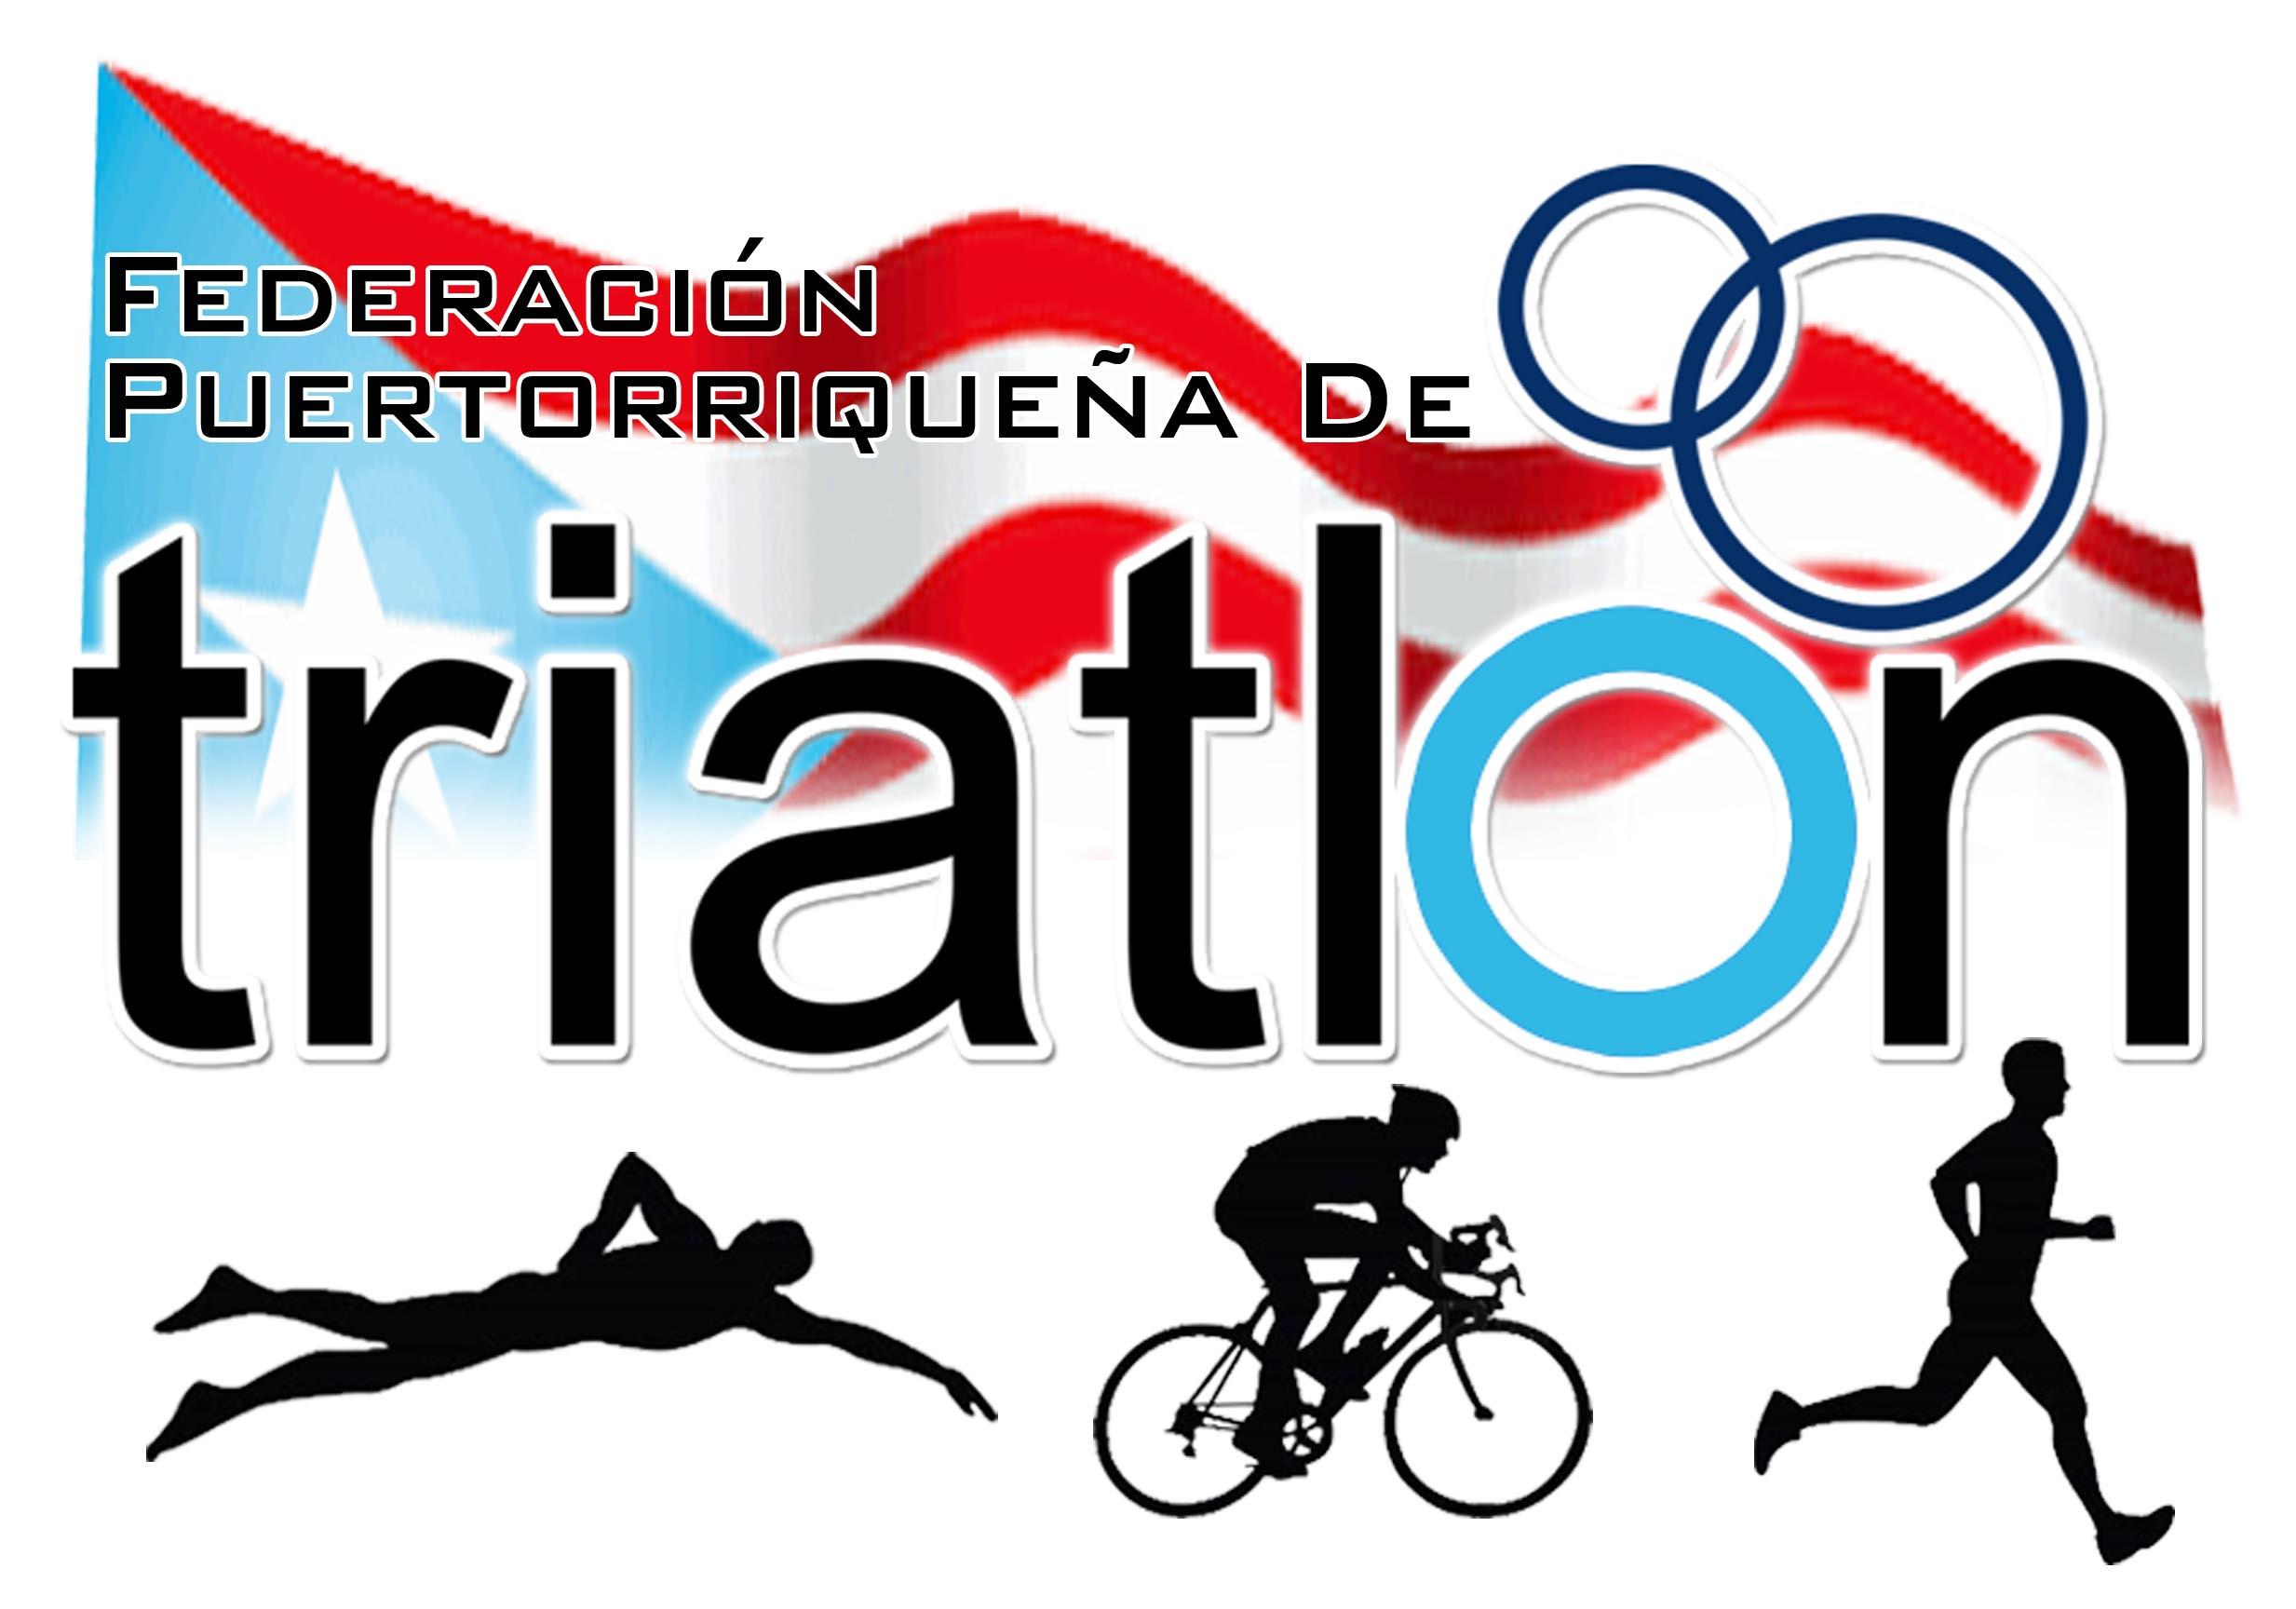 Federación Puertorriqueña de Triatlón logo